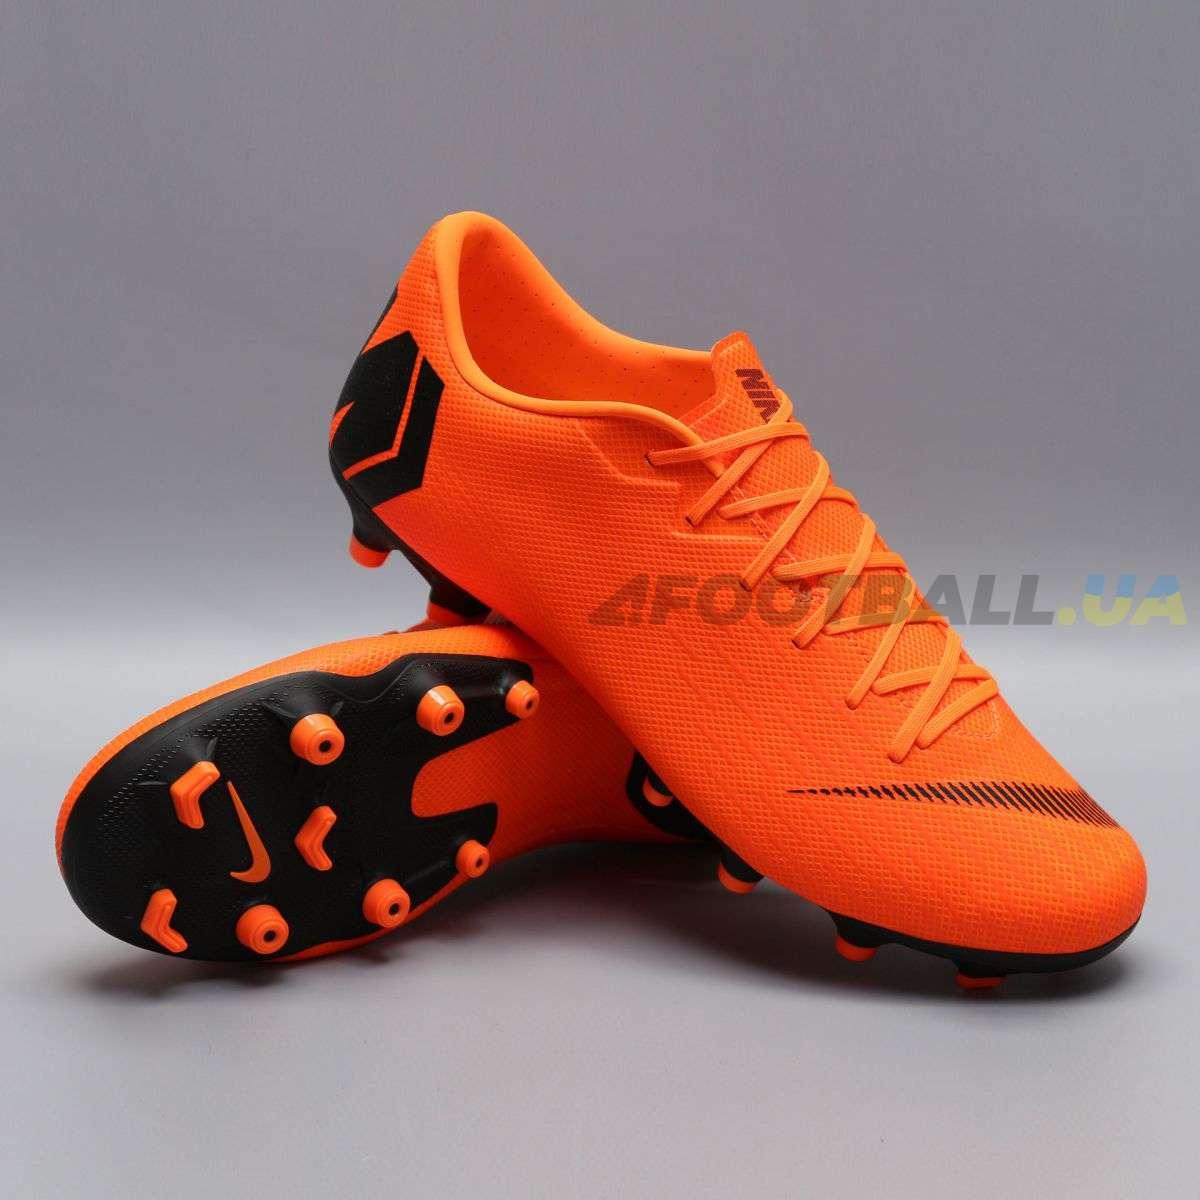 b0c64d55 Бутсы Nike Mercurial Vapor Academy AH7375-810 купить на 4football ...